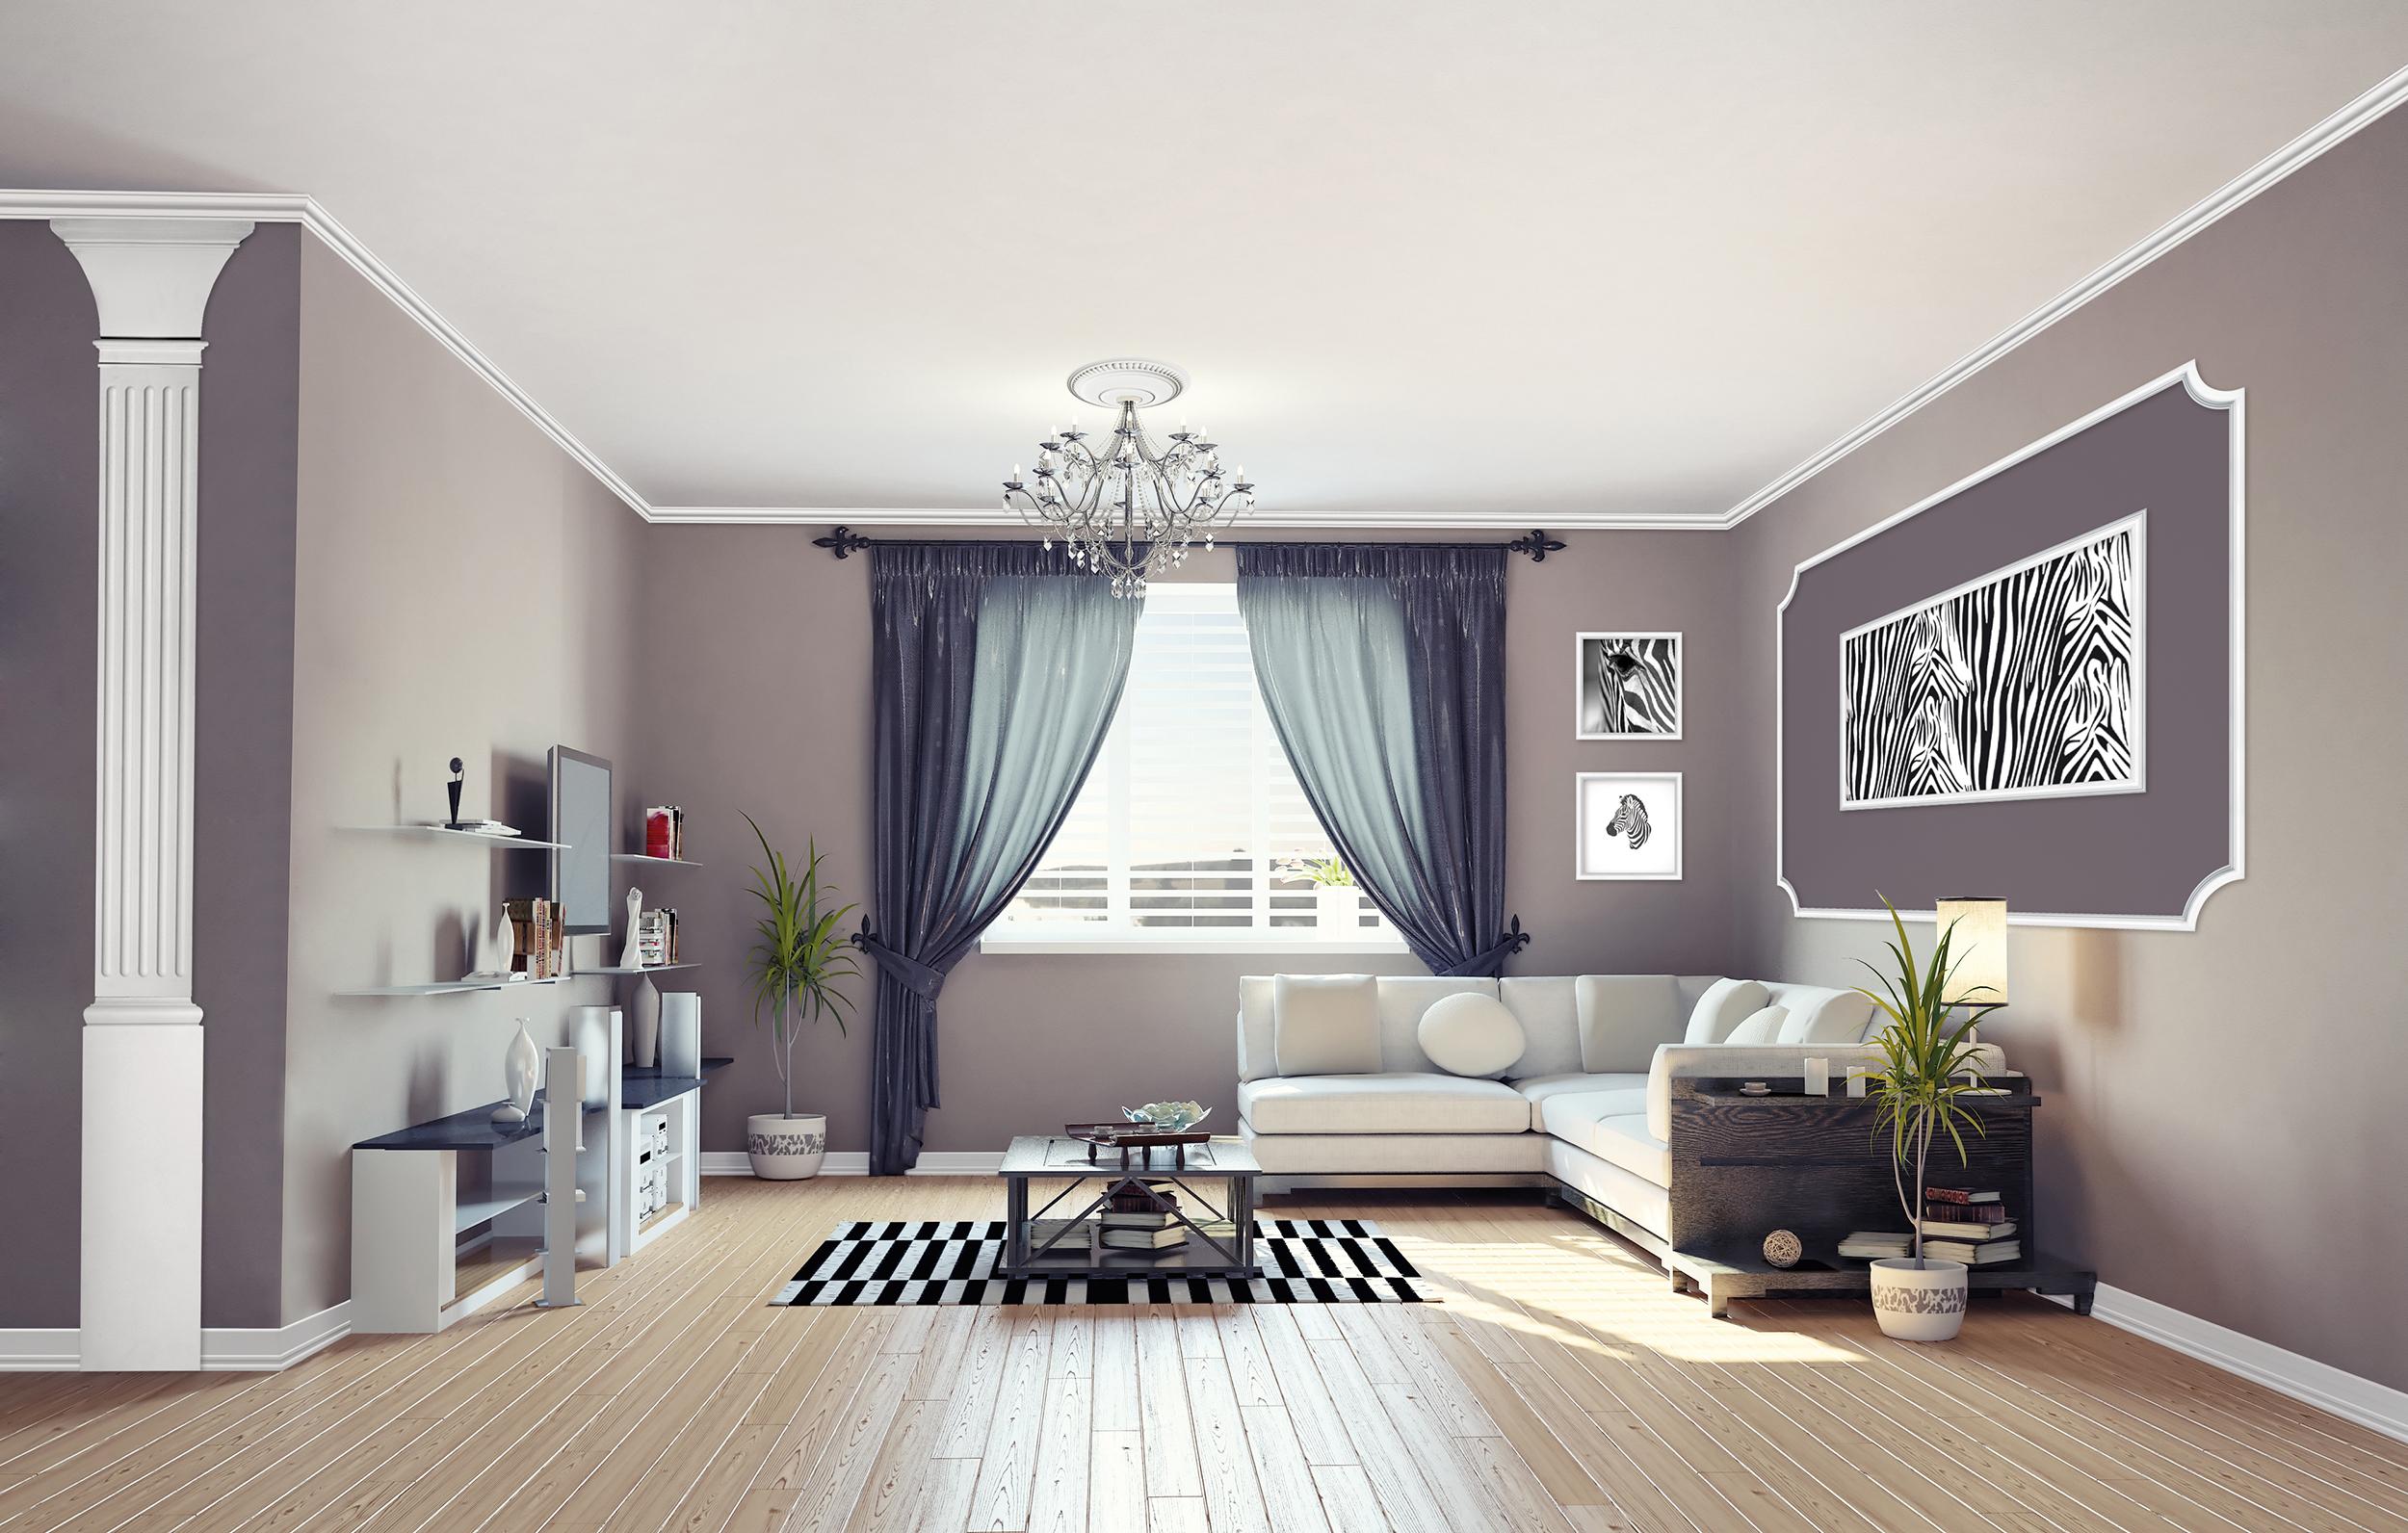 laminat leisten verlegen good ein schner schmckt jedes zimmer in dieser anleitung knnen sie. Black Bedroom Furniture Sets. Home Design Ideas